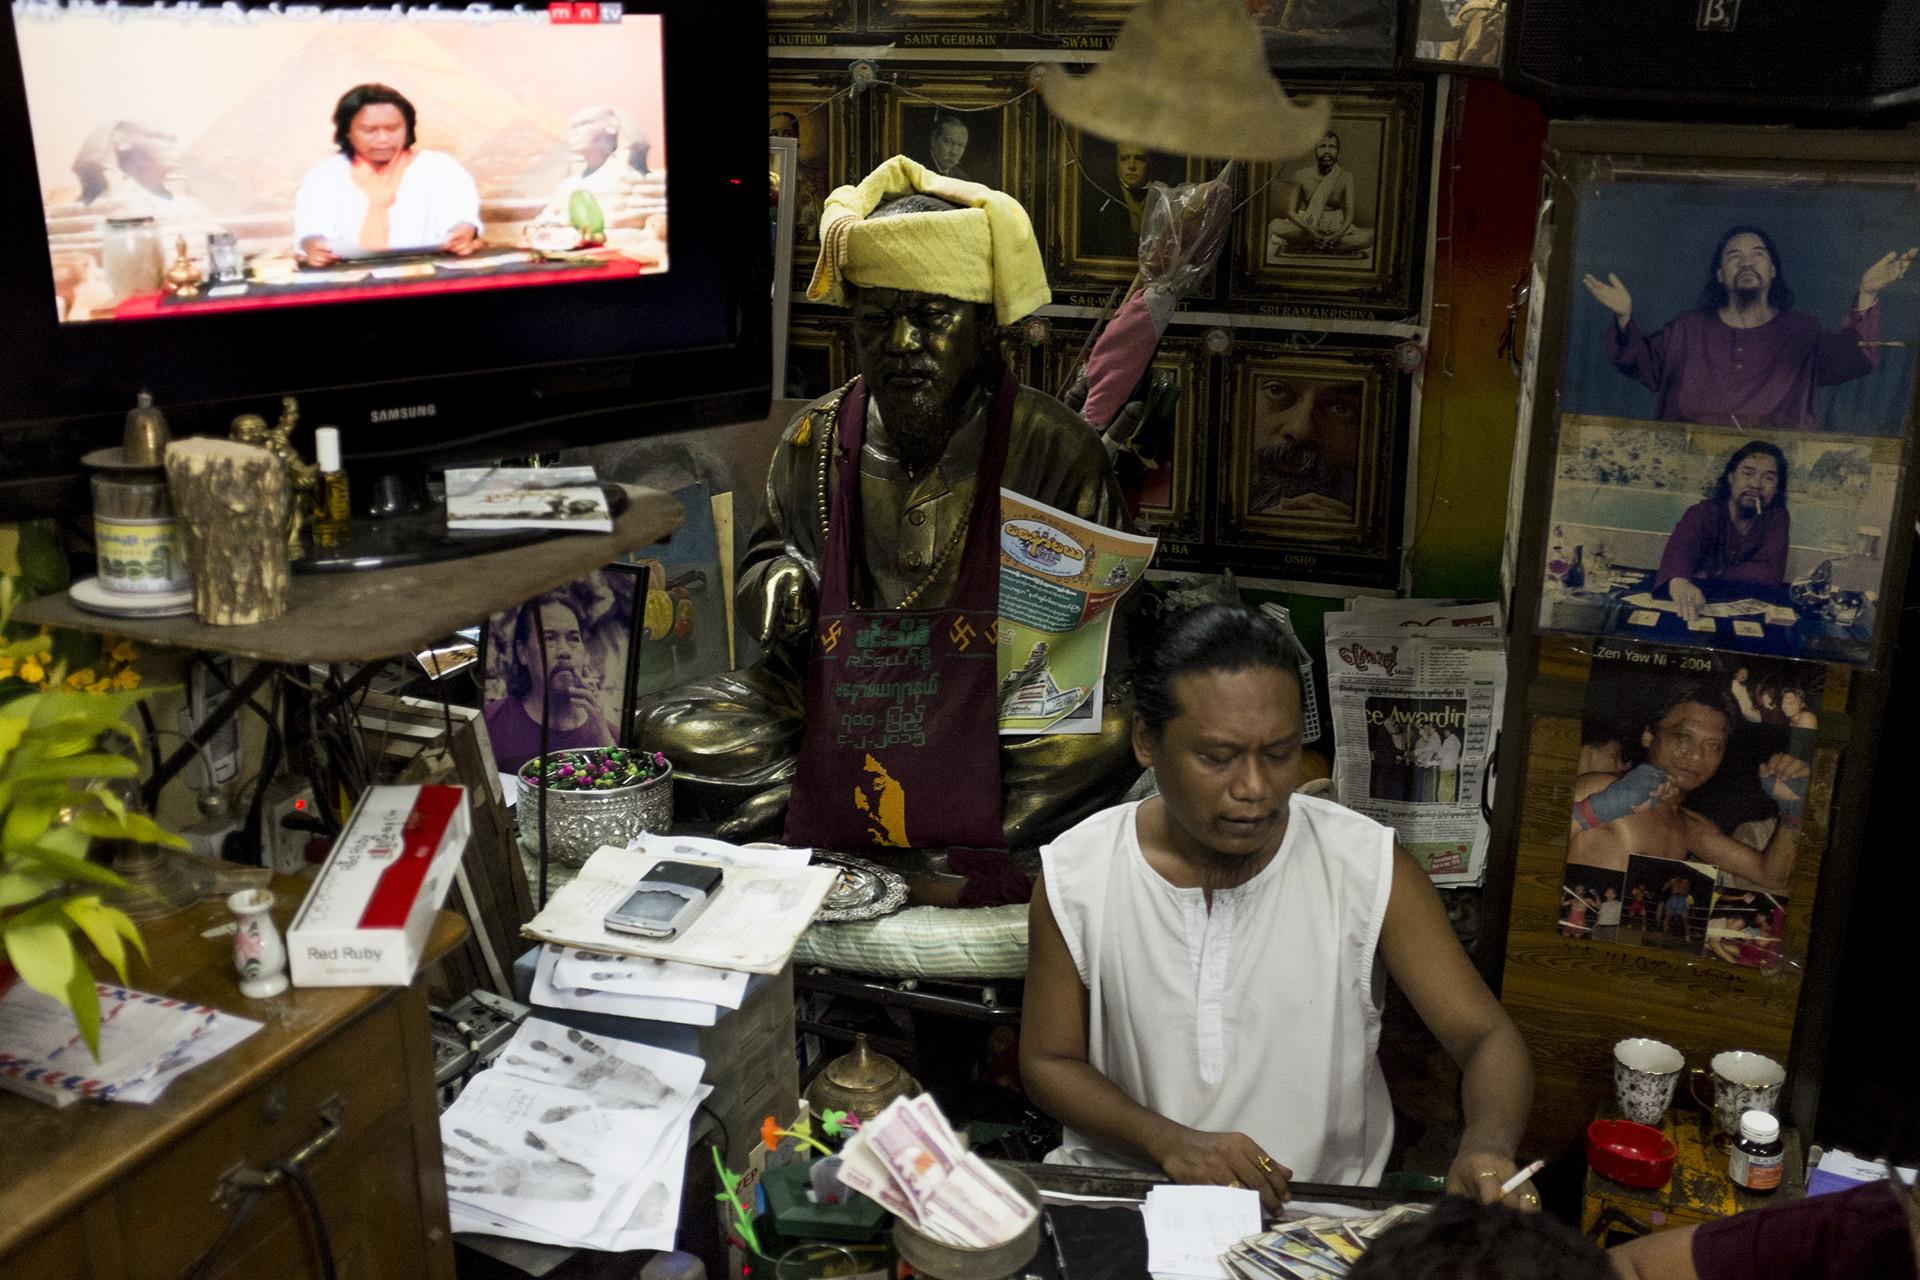 Zin Yaw Ni est un des astrologues les plus réputés du pays. Il a son émission à la télévision qui tourne en boucle dans son cabinet. Il forme également de futurs astrologues au métier. Rangoun, Birmanie, mai 2015.